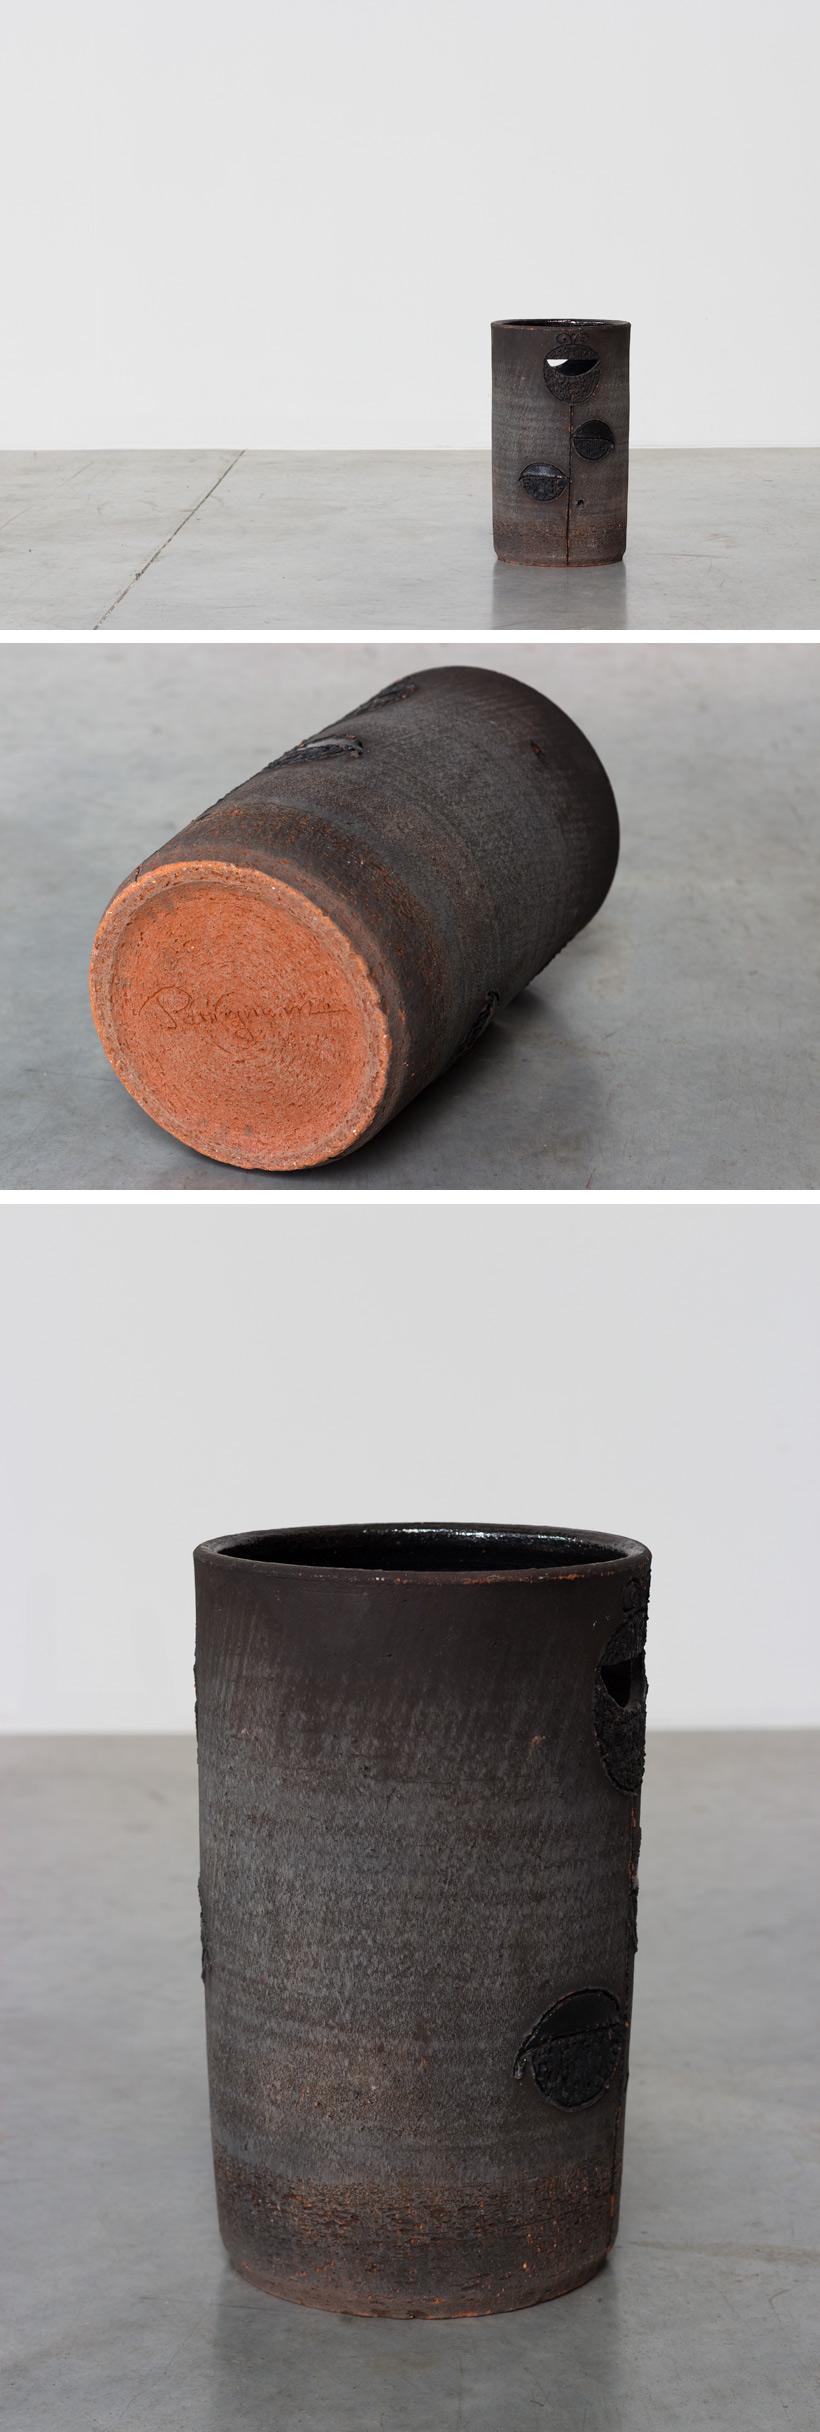 Ceramic Umbrella holder Perignem Large